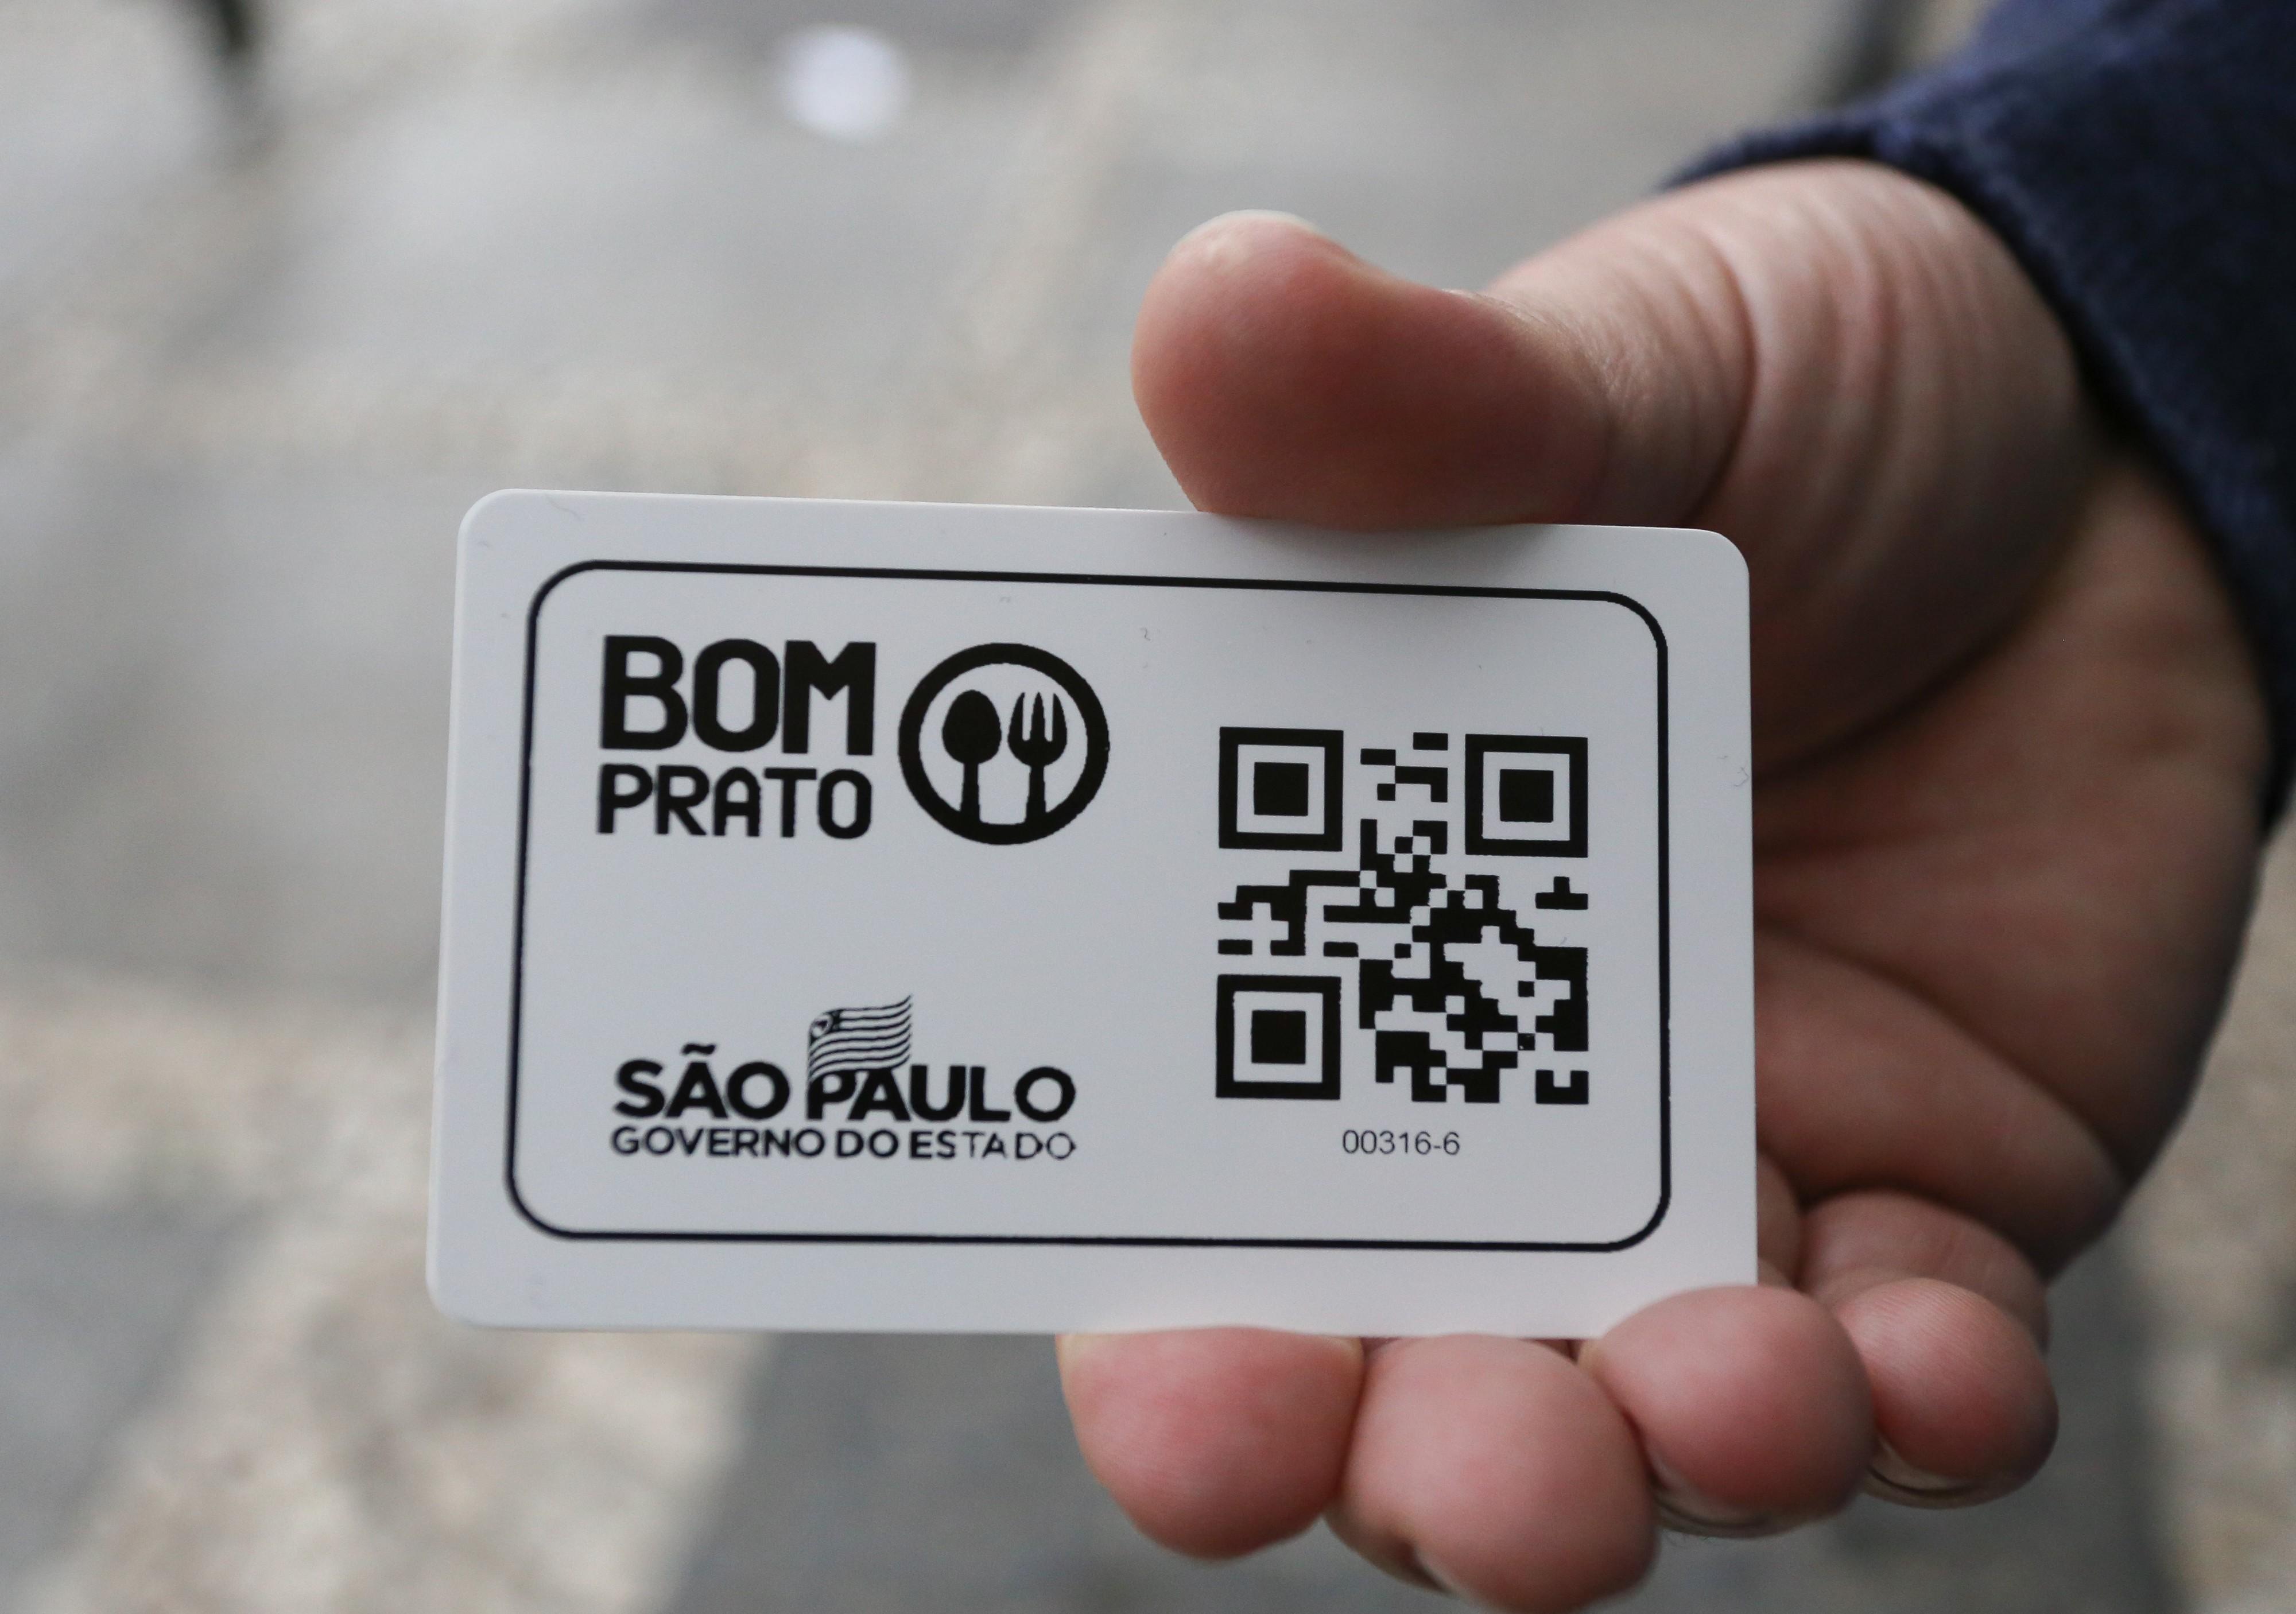 MP e Defensoria vão à Justiça para que Prefeitura e governo de SP redistribuam 10 mil cartões do Bom Prato à população de rua